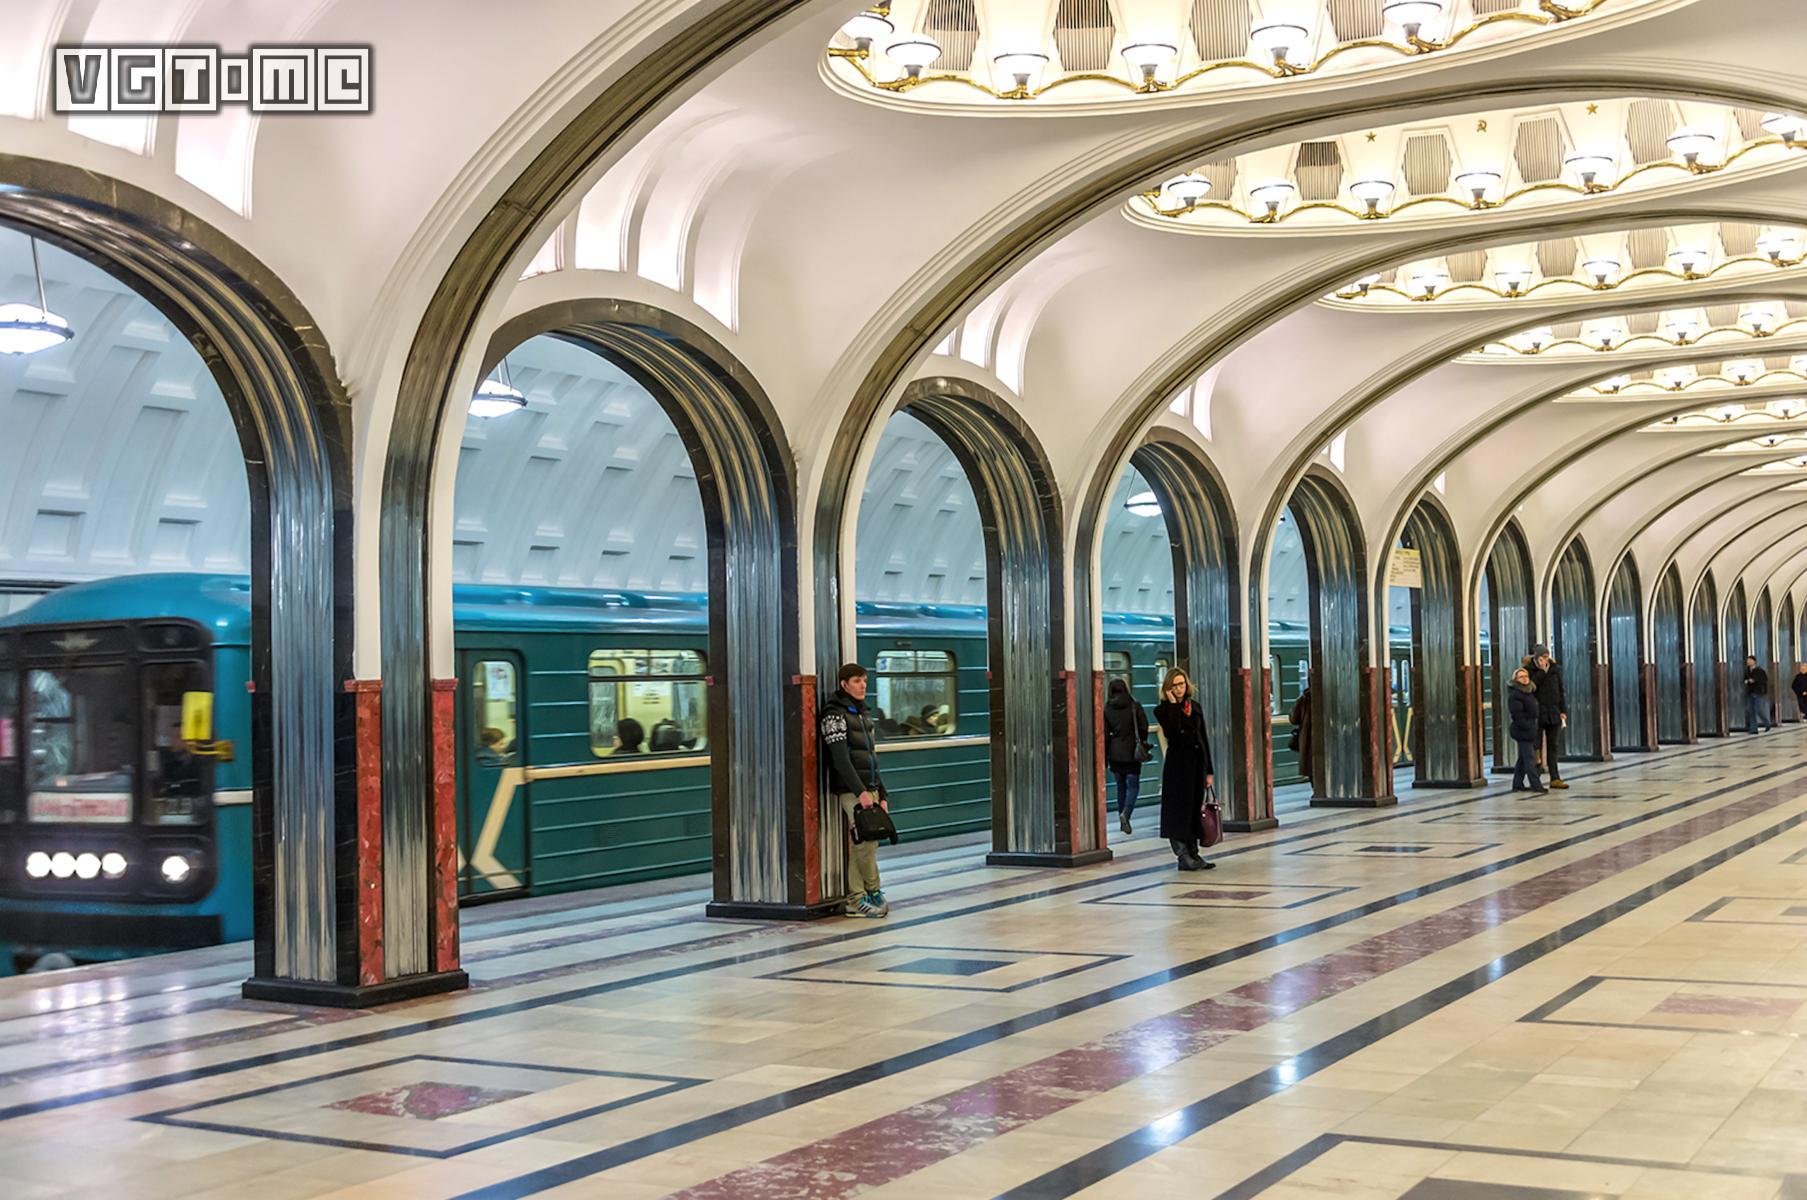 《地铁》系列故事概述:俄罗斯味道的科幻故事